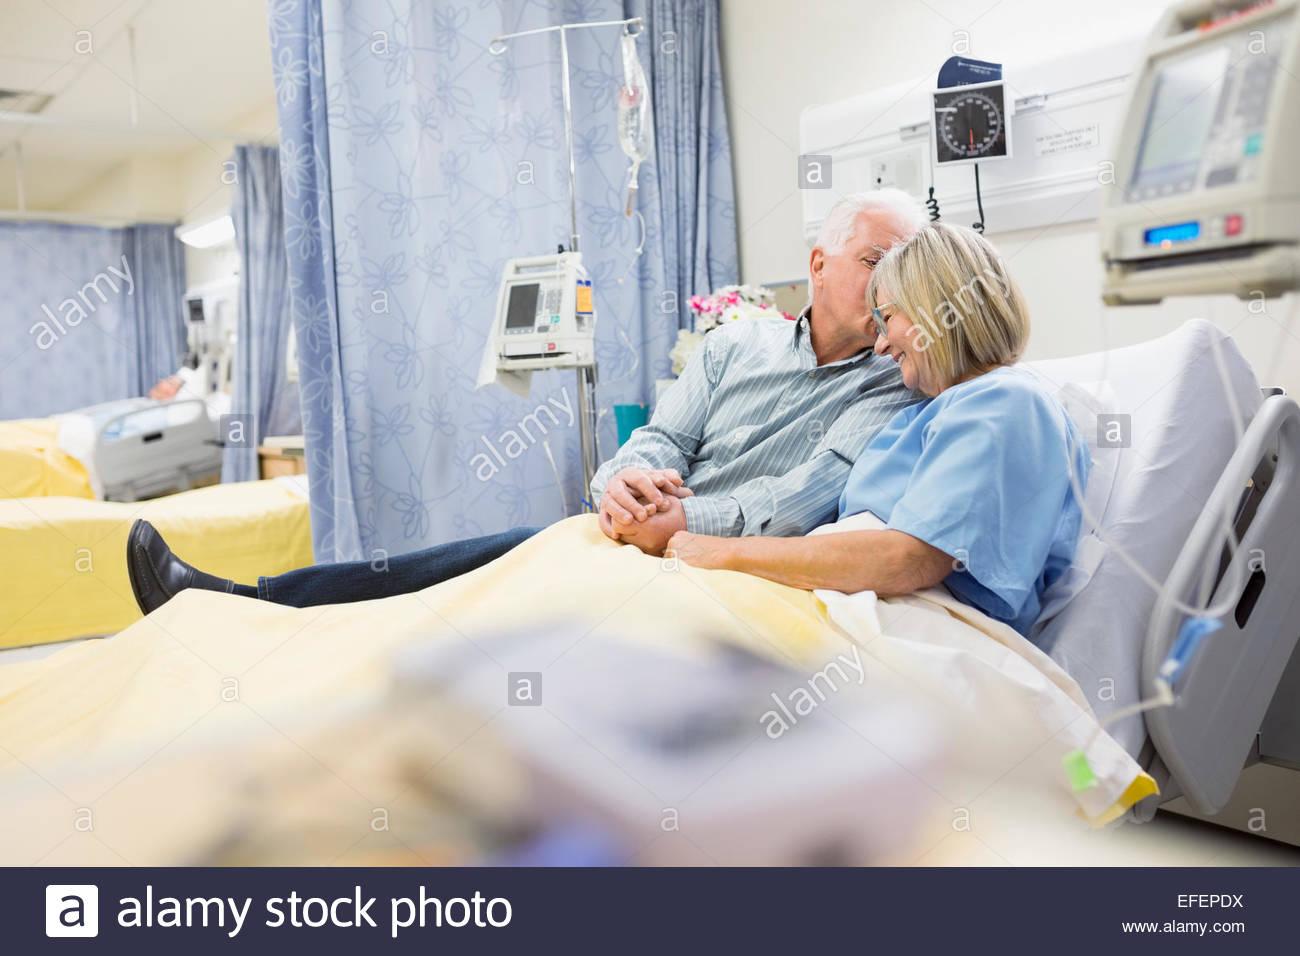 Mann, die Frau im Krankenhausbett beruhigend Stockfoto